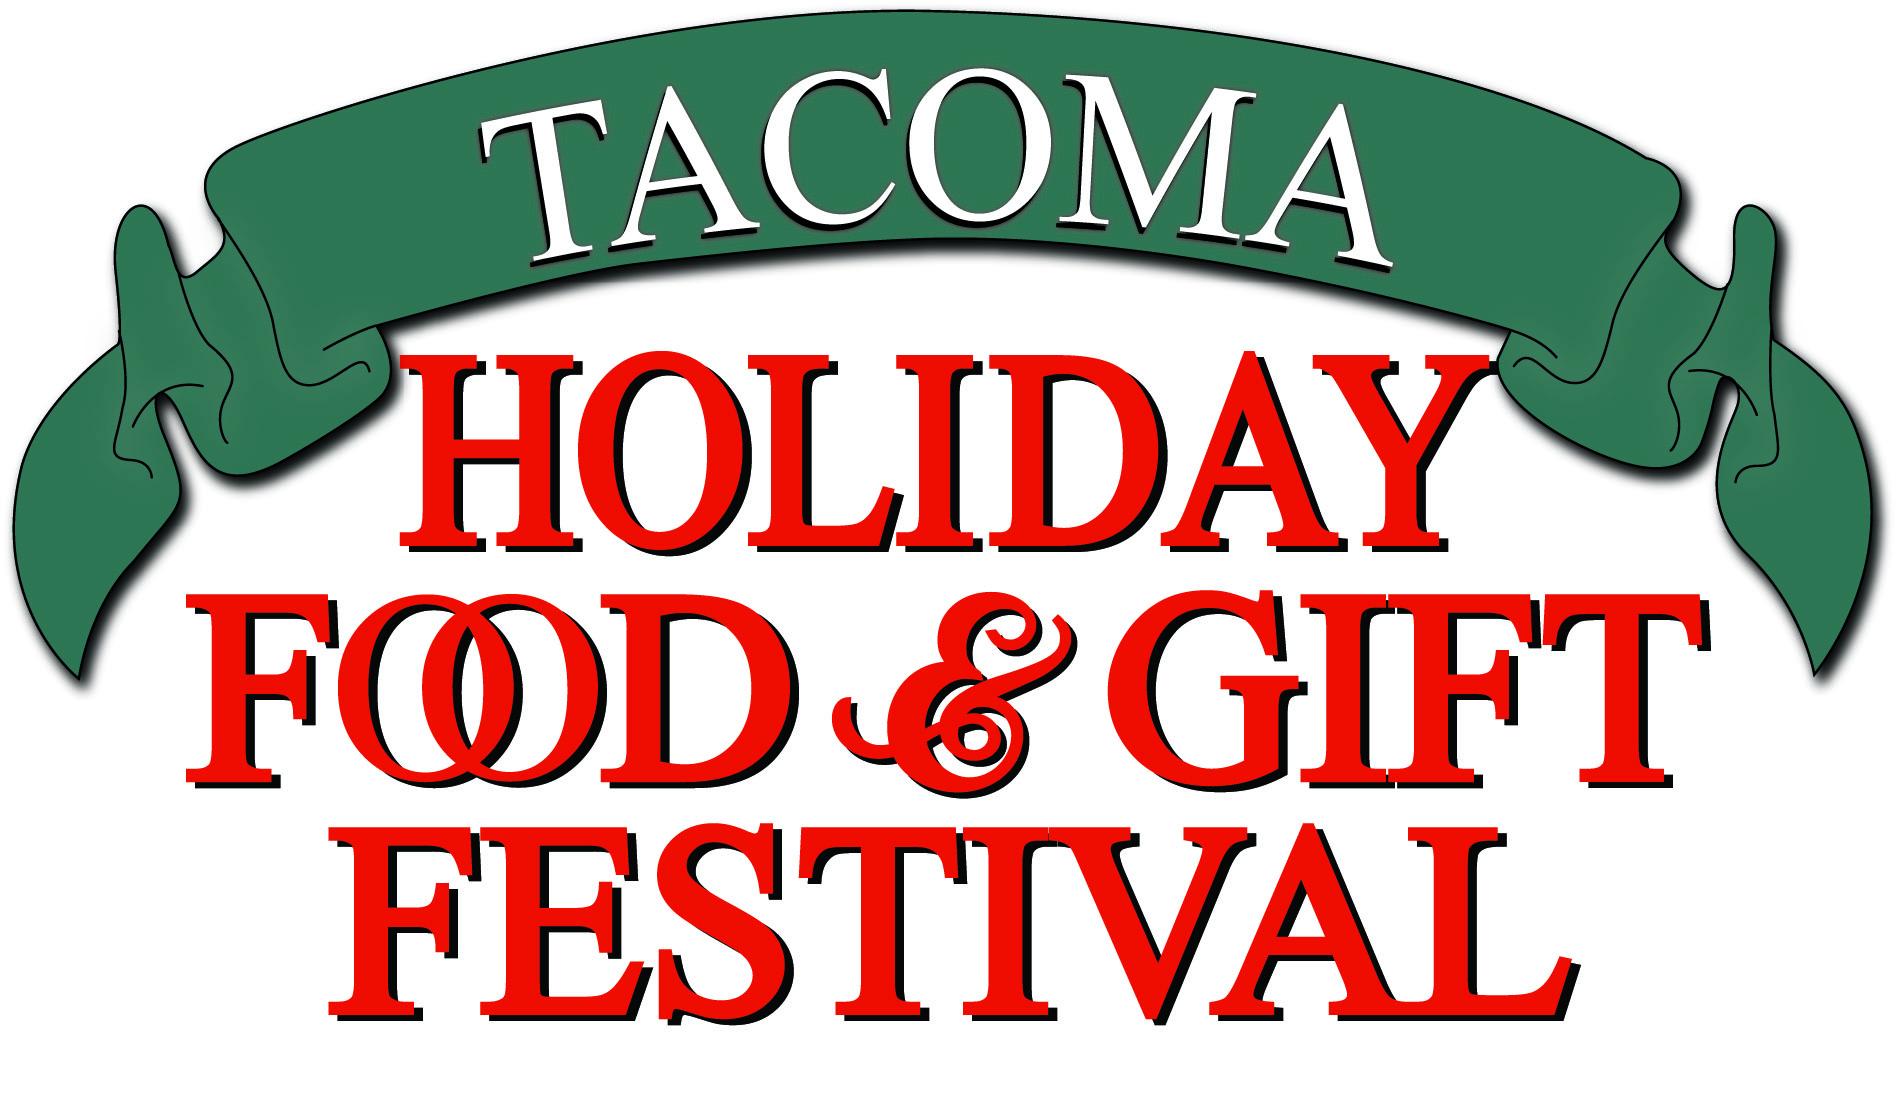 Tacoma Food & Gift Festival